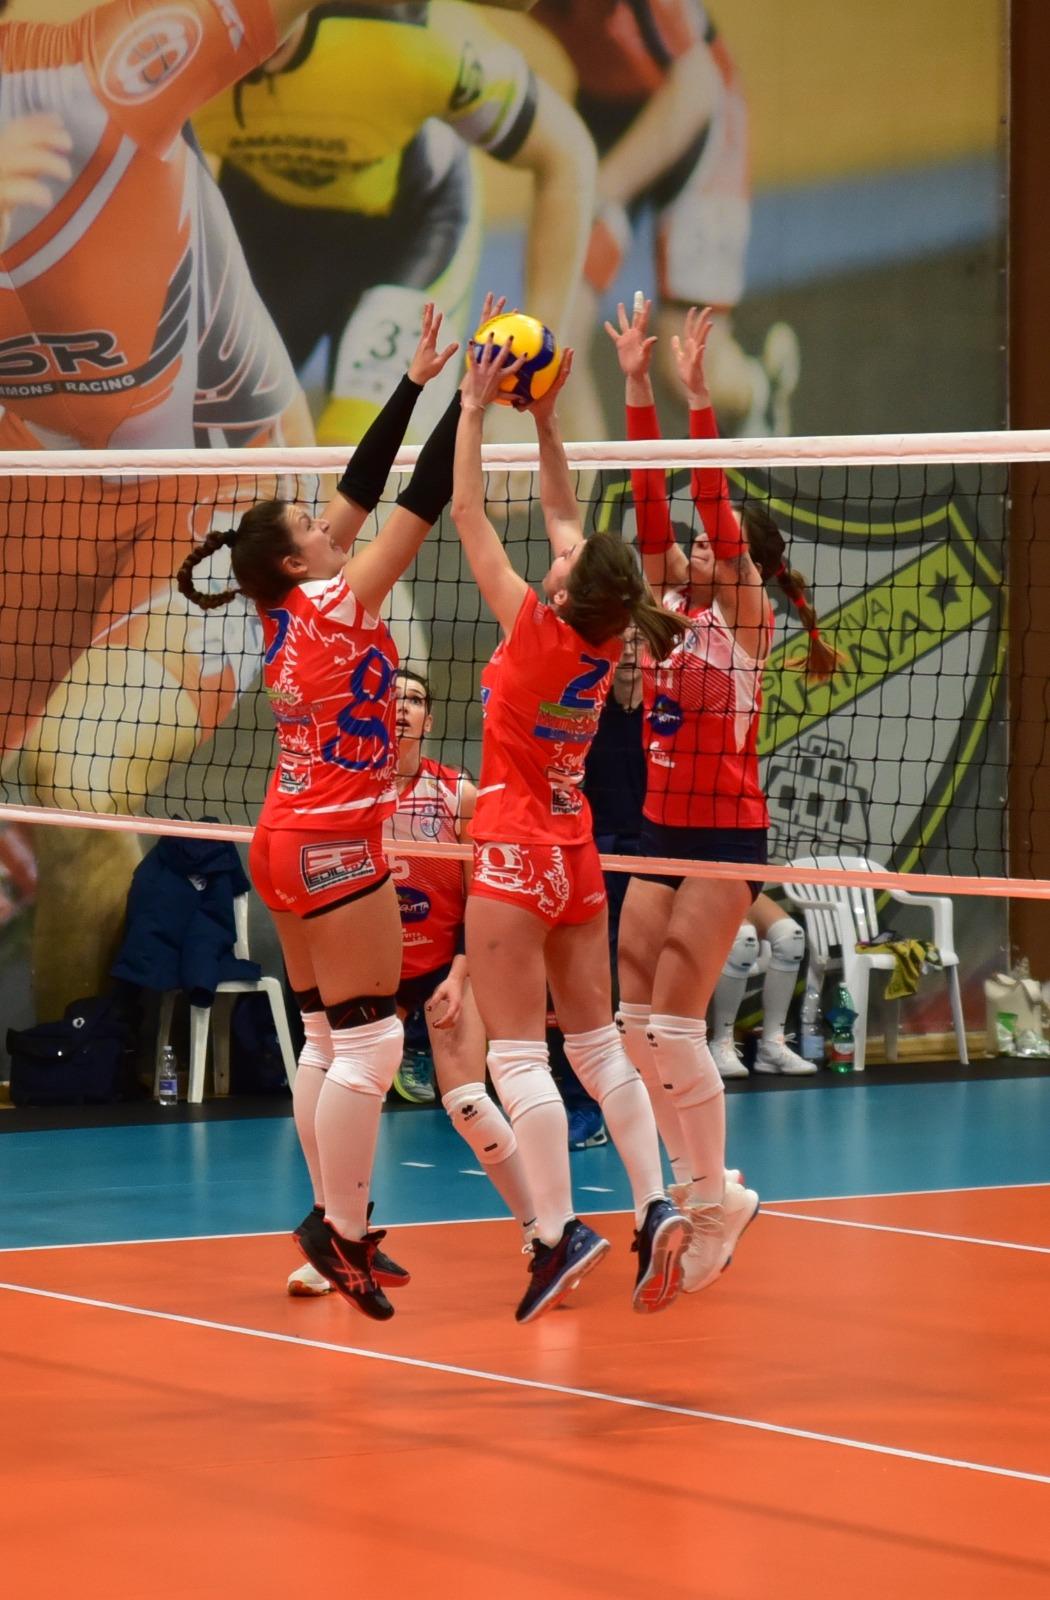 grosseto-volley-school-squadra-azione-di-gioco-contro-civitavecchia-06-febbraio-2021-19.j